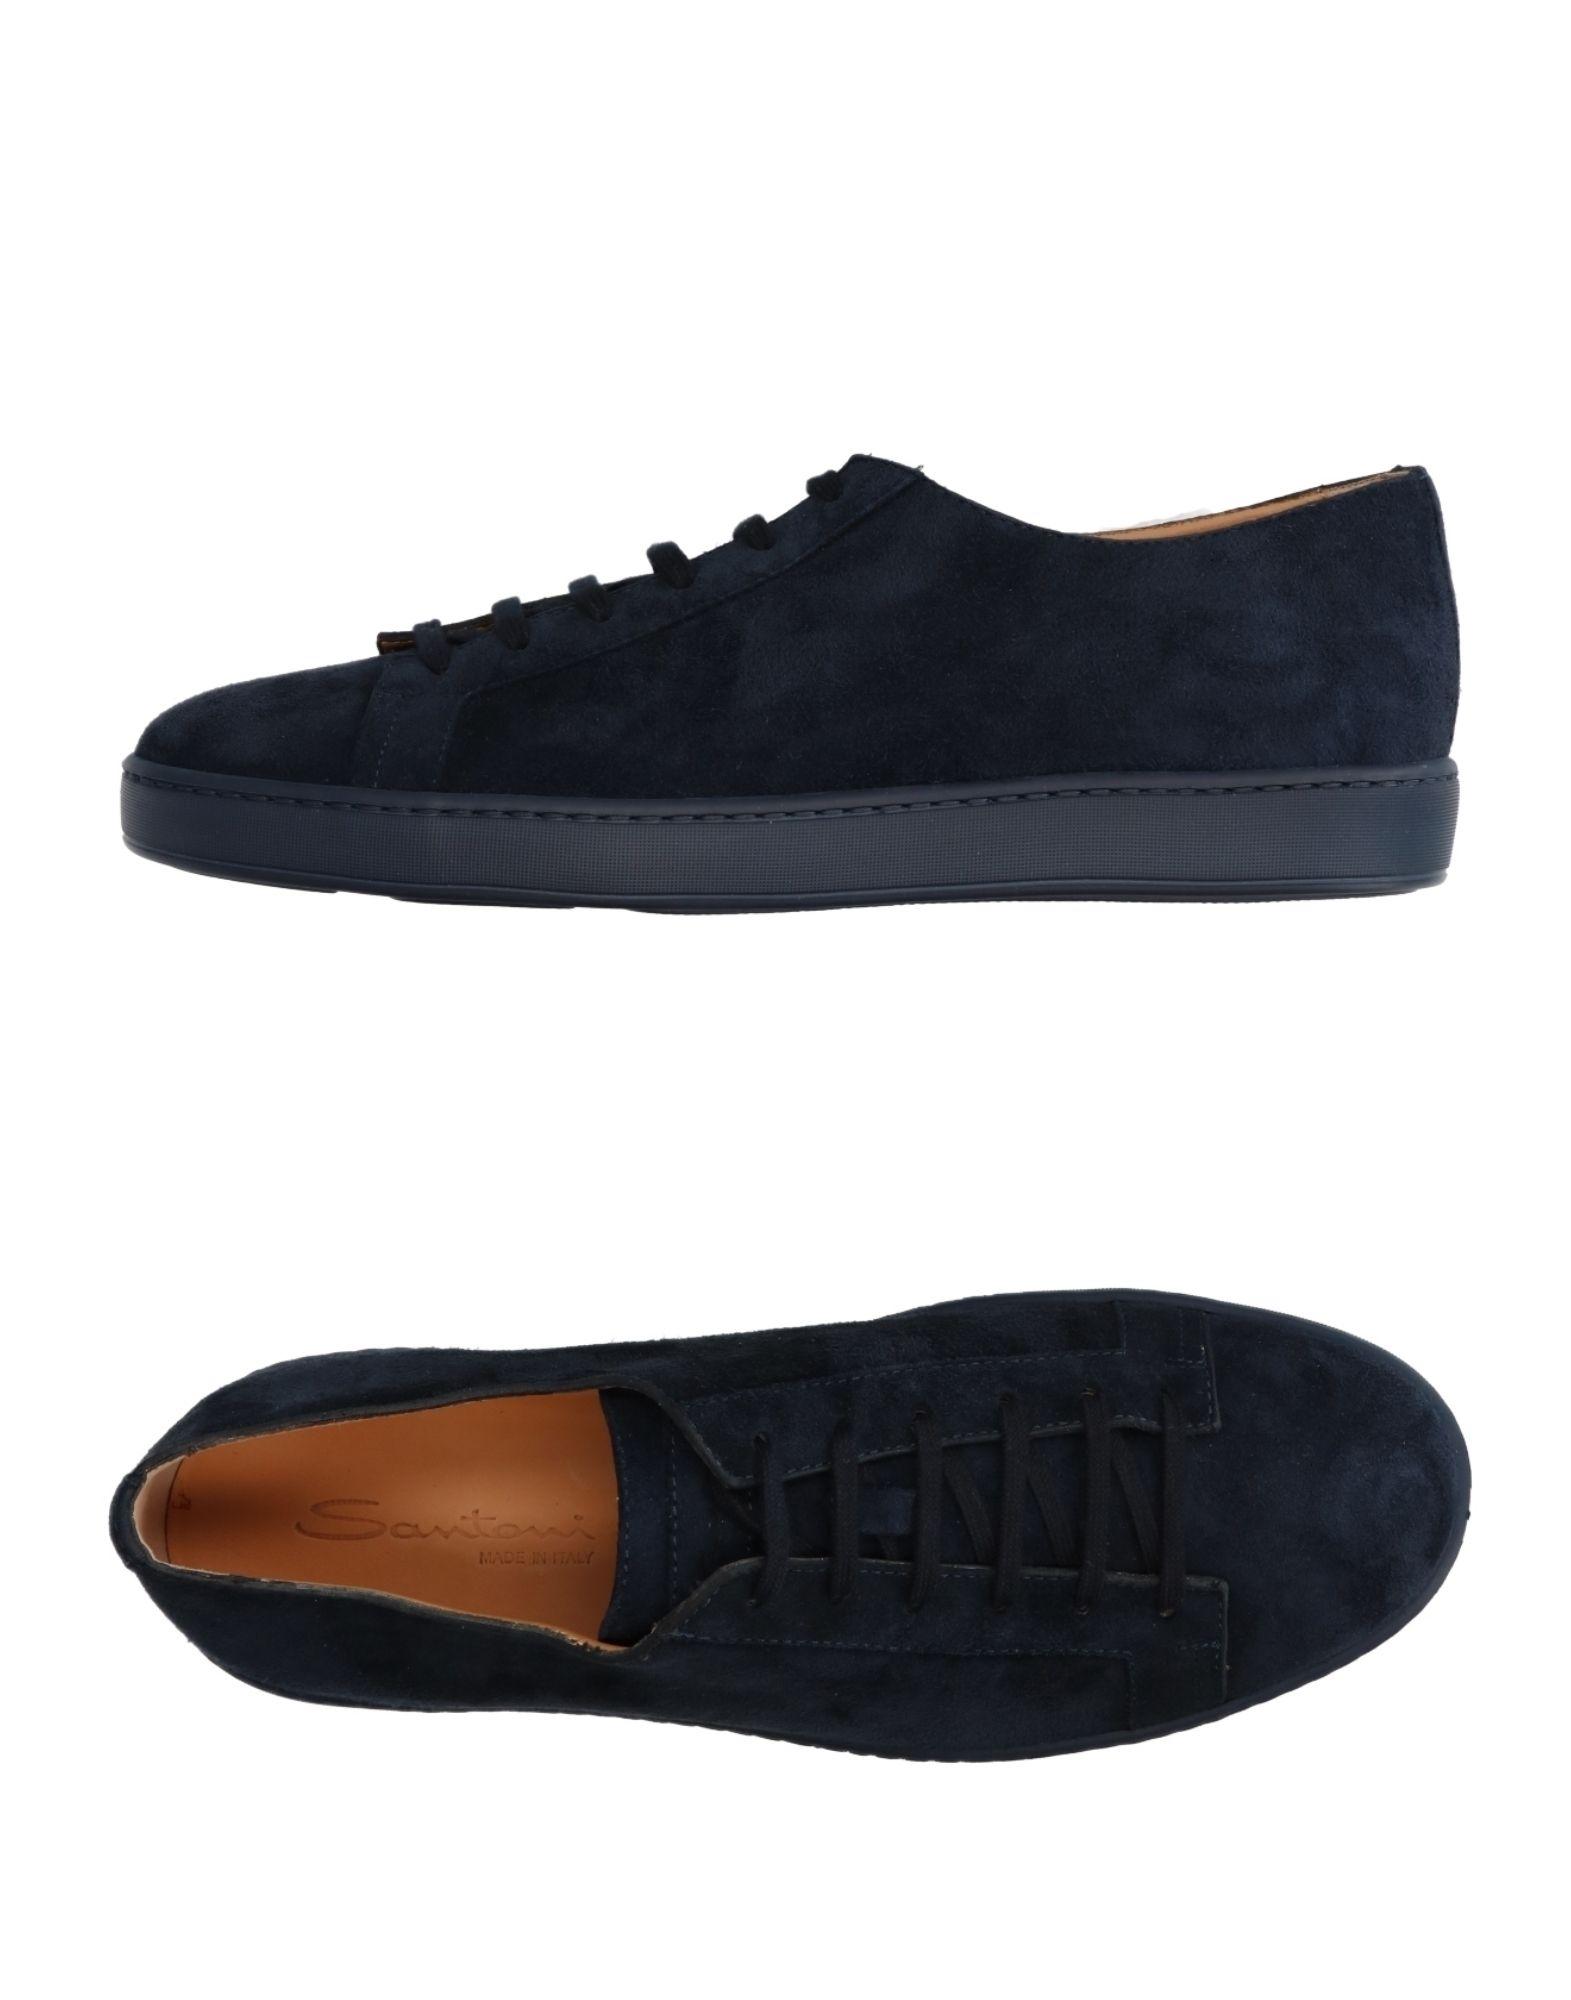 Santoni Sneakers Herren  11283953DB Gute Qualität beliebte Schuhe